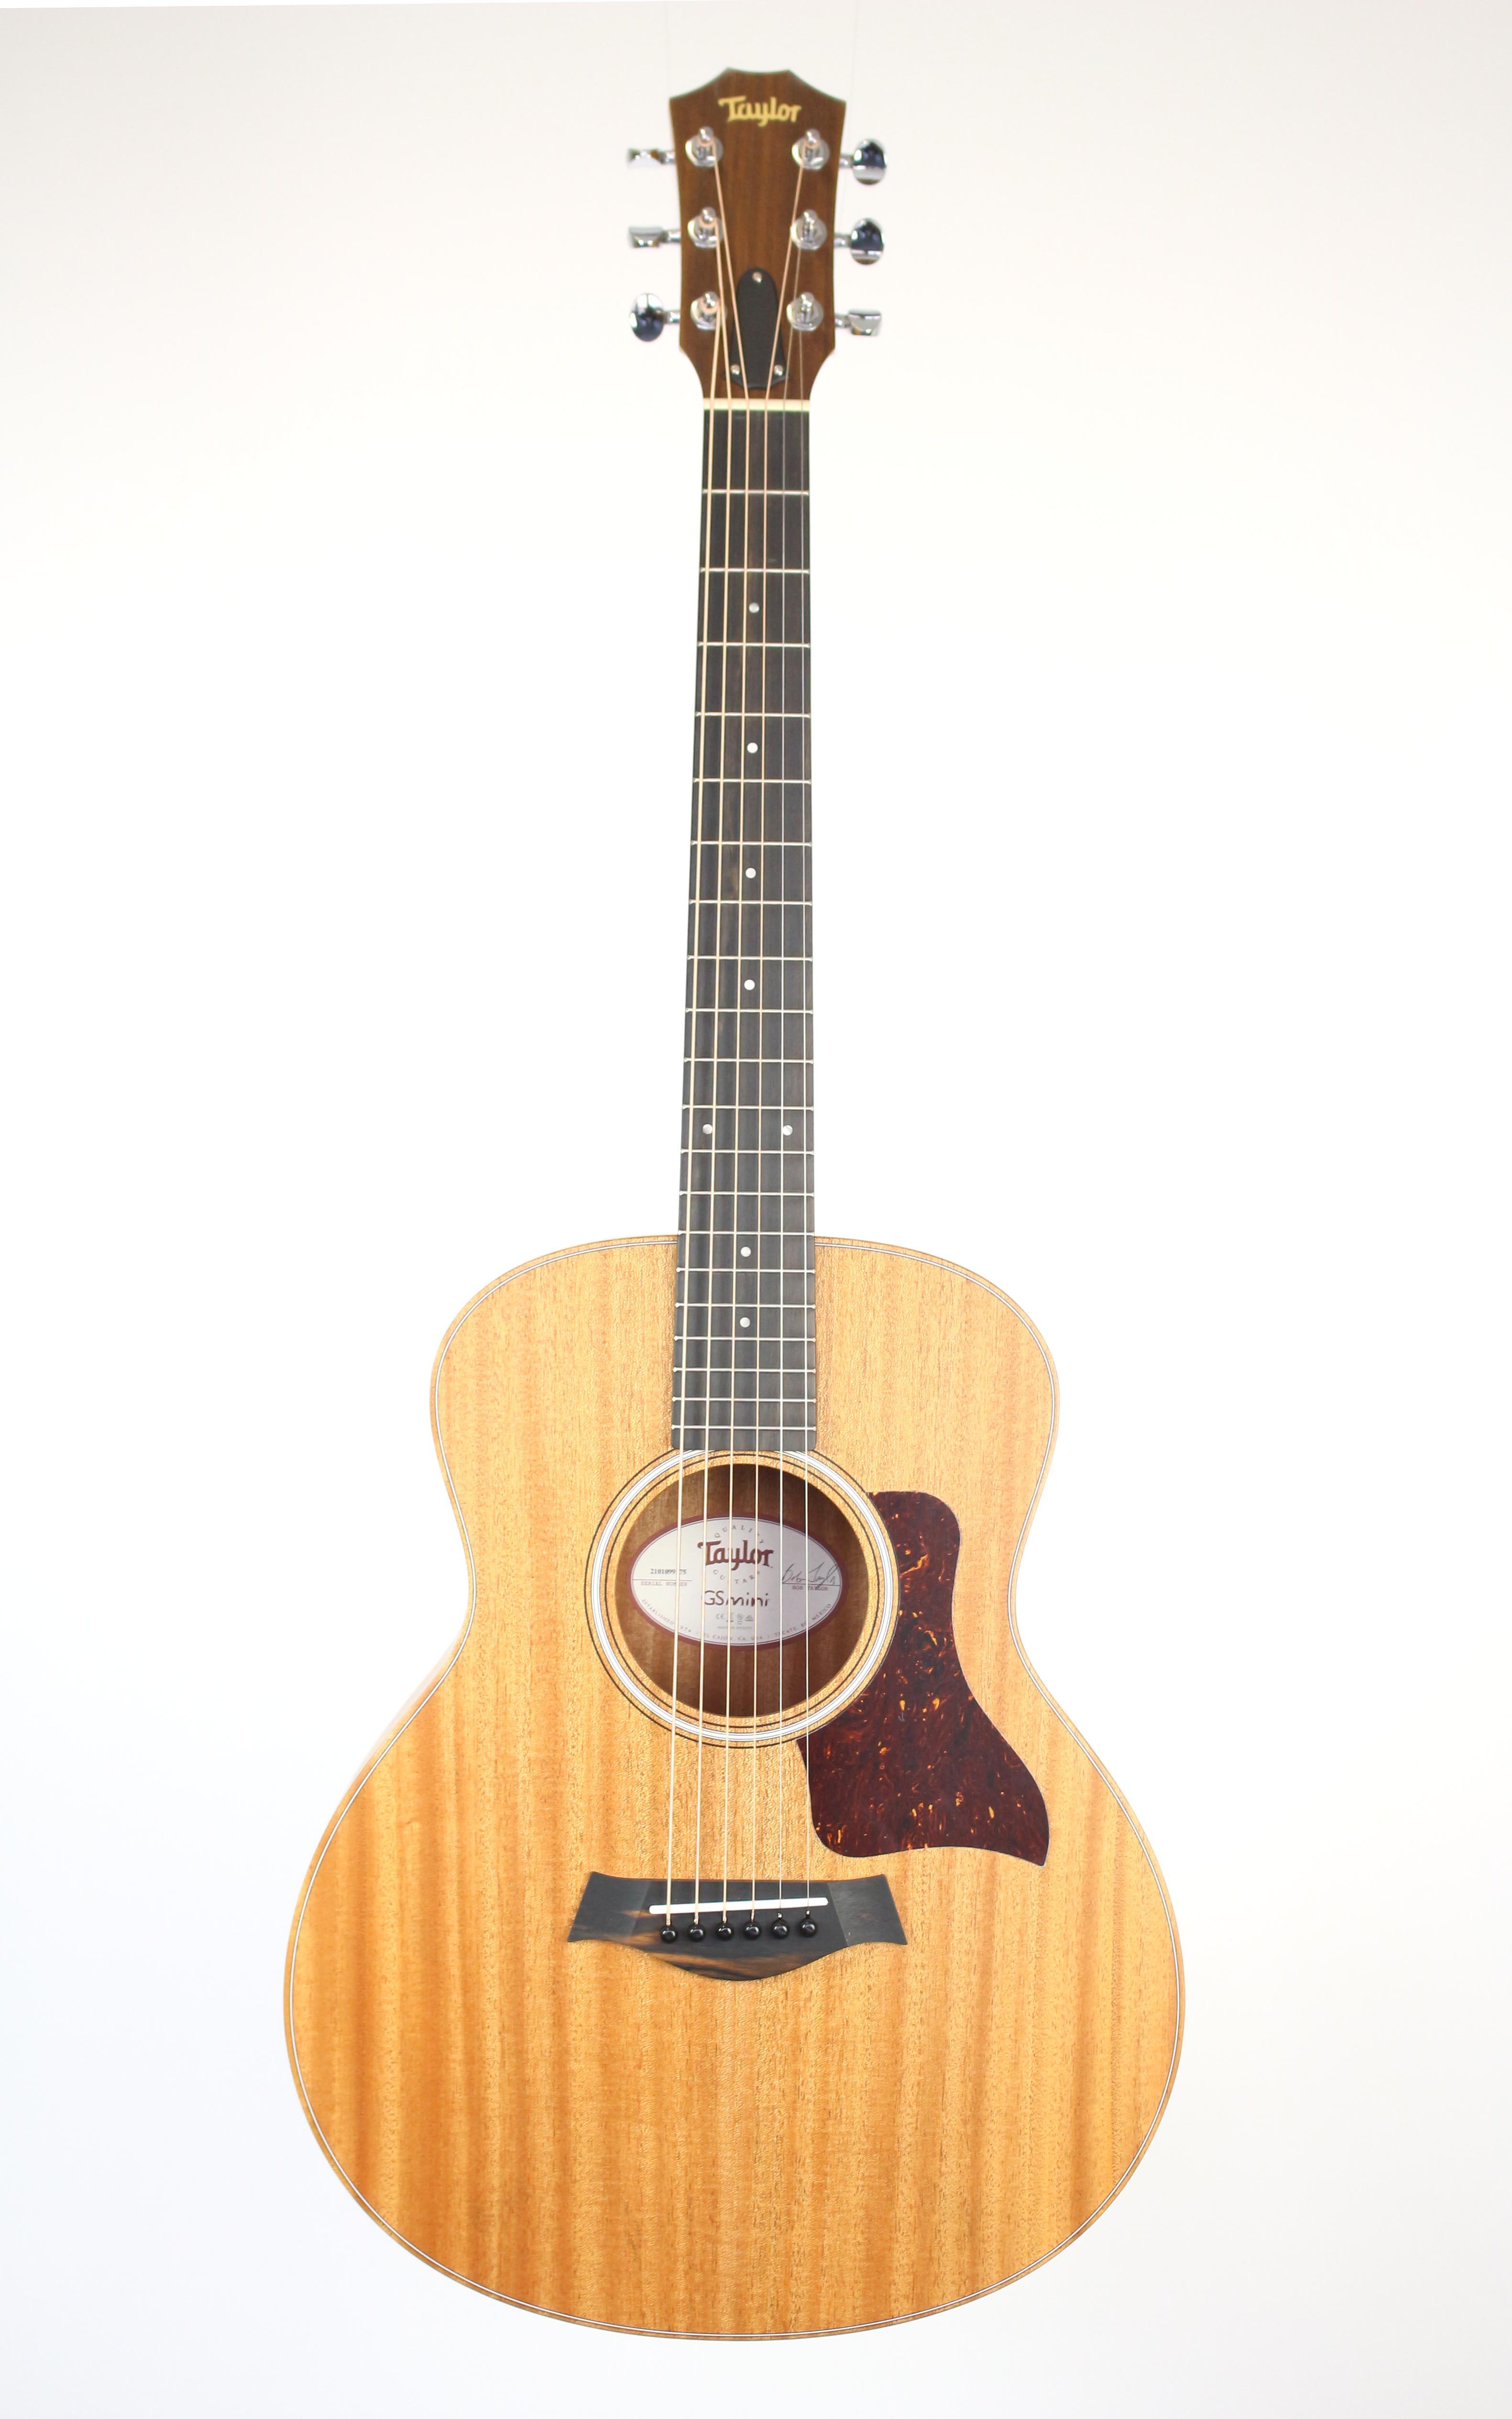 Taylor - GS Mini Mahogany - Gitarren - Westerngitarren | MUSIK BERTRAM Deutschland Freiburg